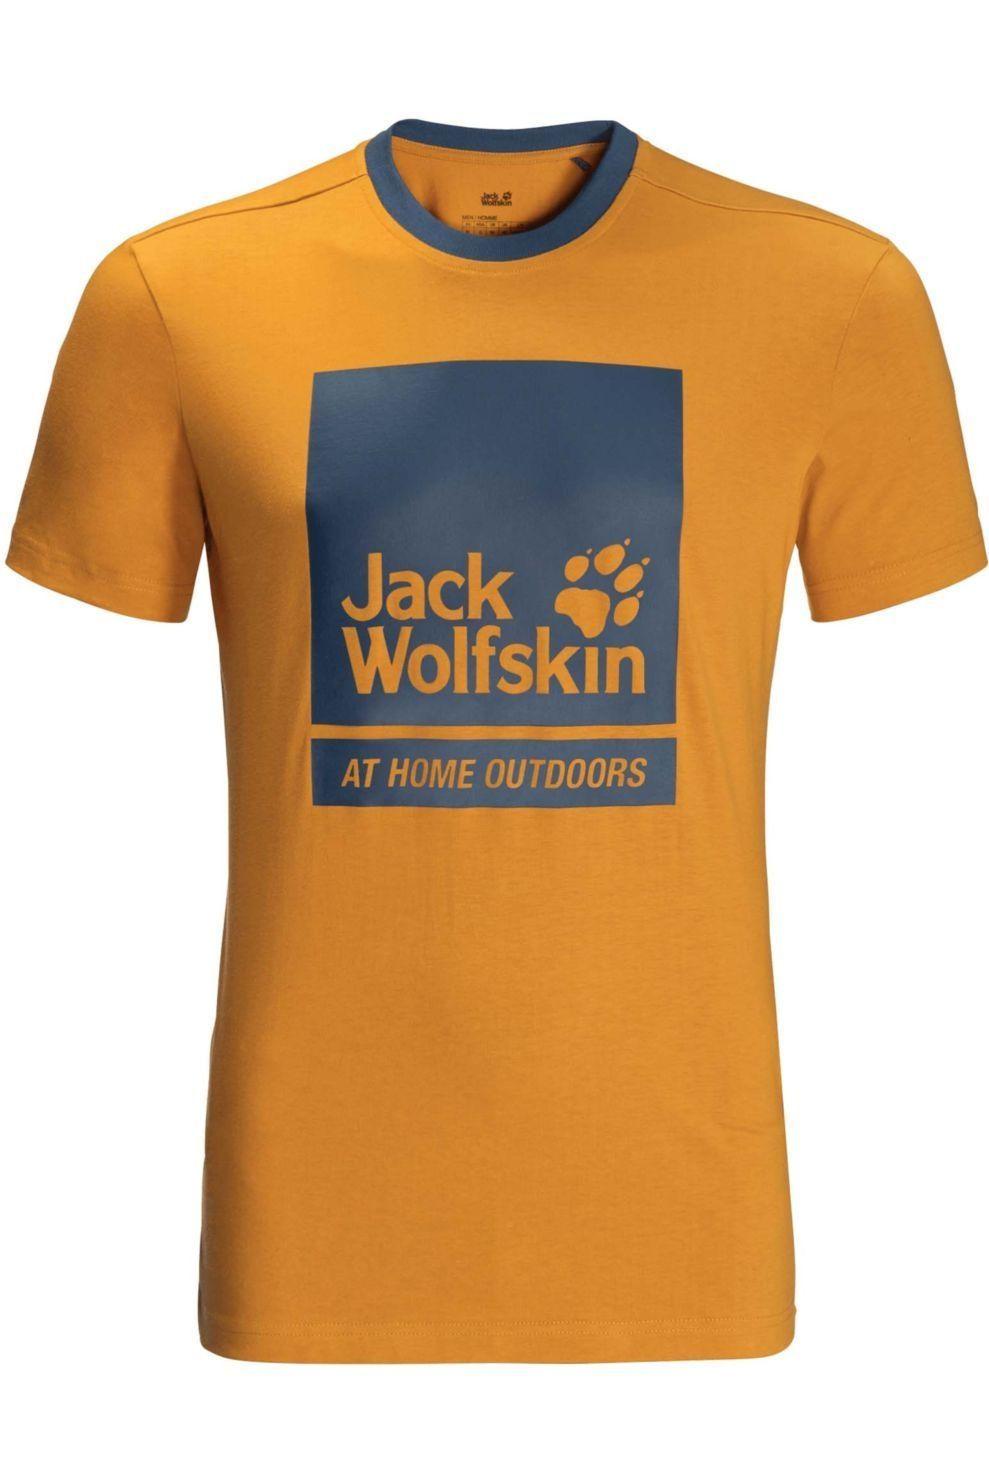 Jack Wolfskin T-Shirt 365 Thunder voor heren - Geel - Maten: S, M, L, XL, XXL, XXXL